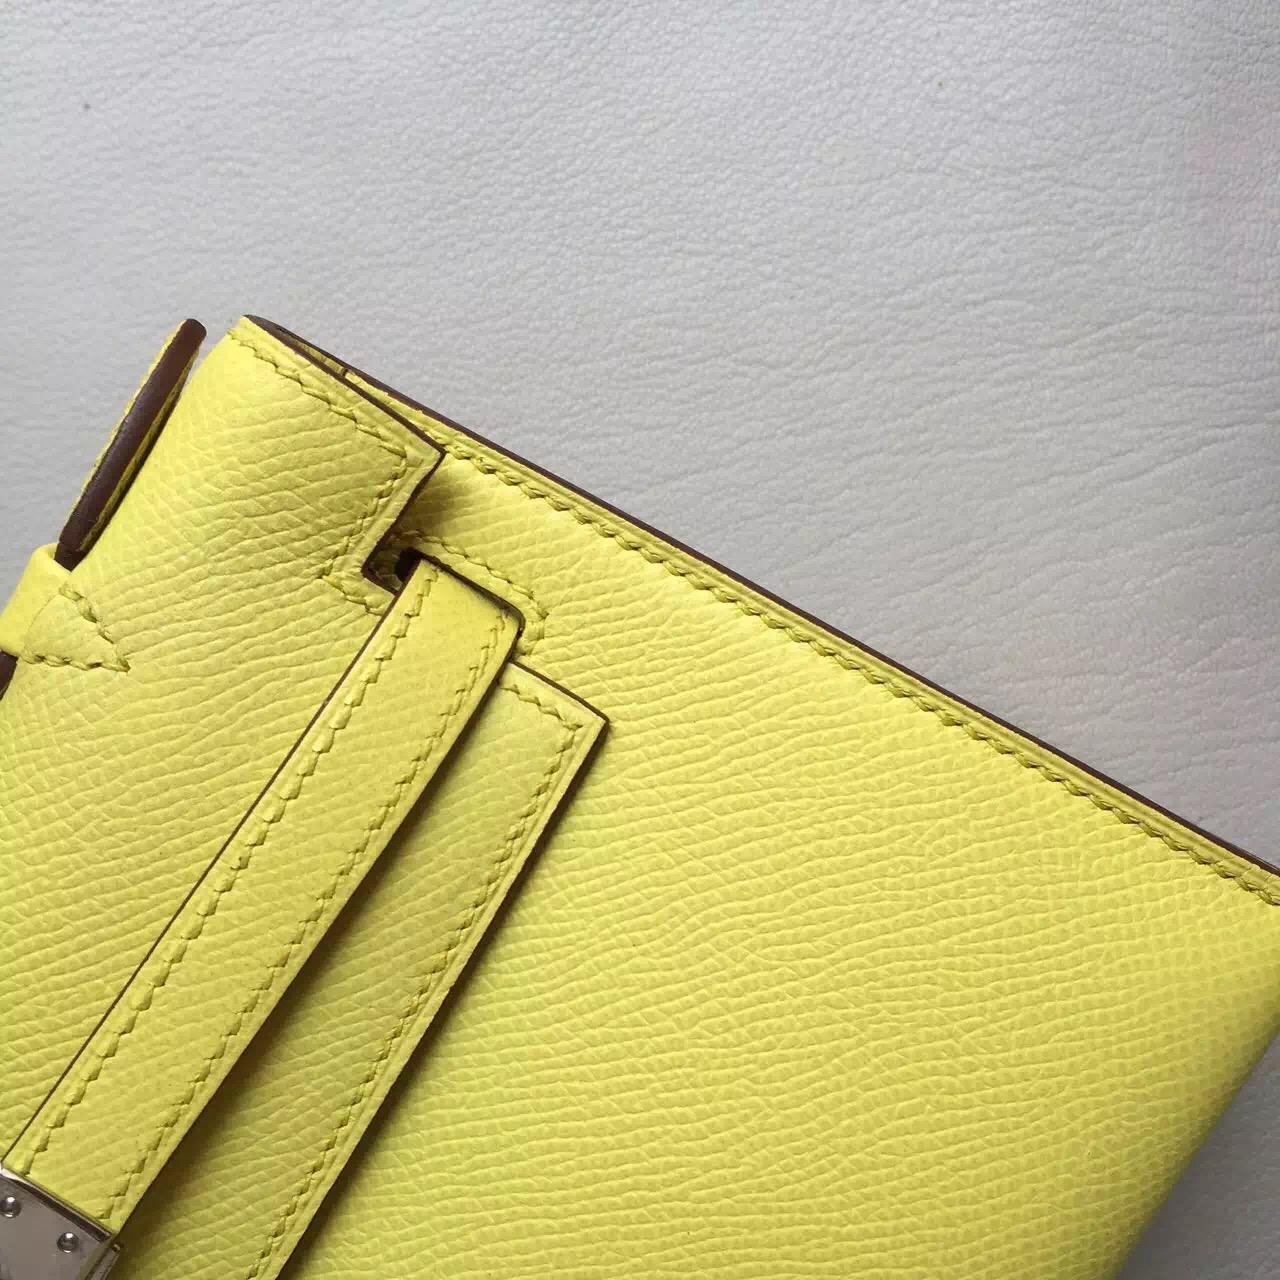 Discount Hermes Lemon Yellow Epsom Calfskin Leather Mini Kelly Bag 22CM